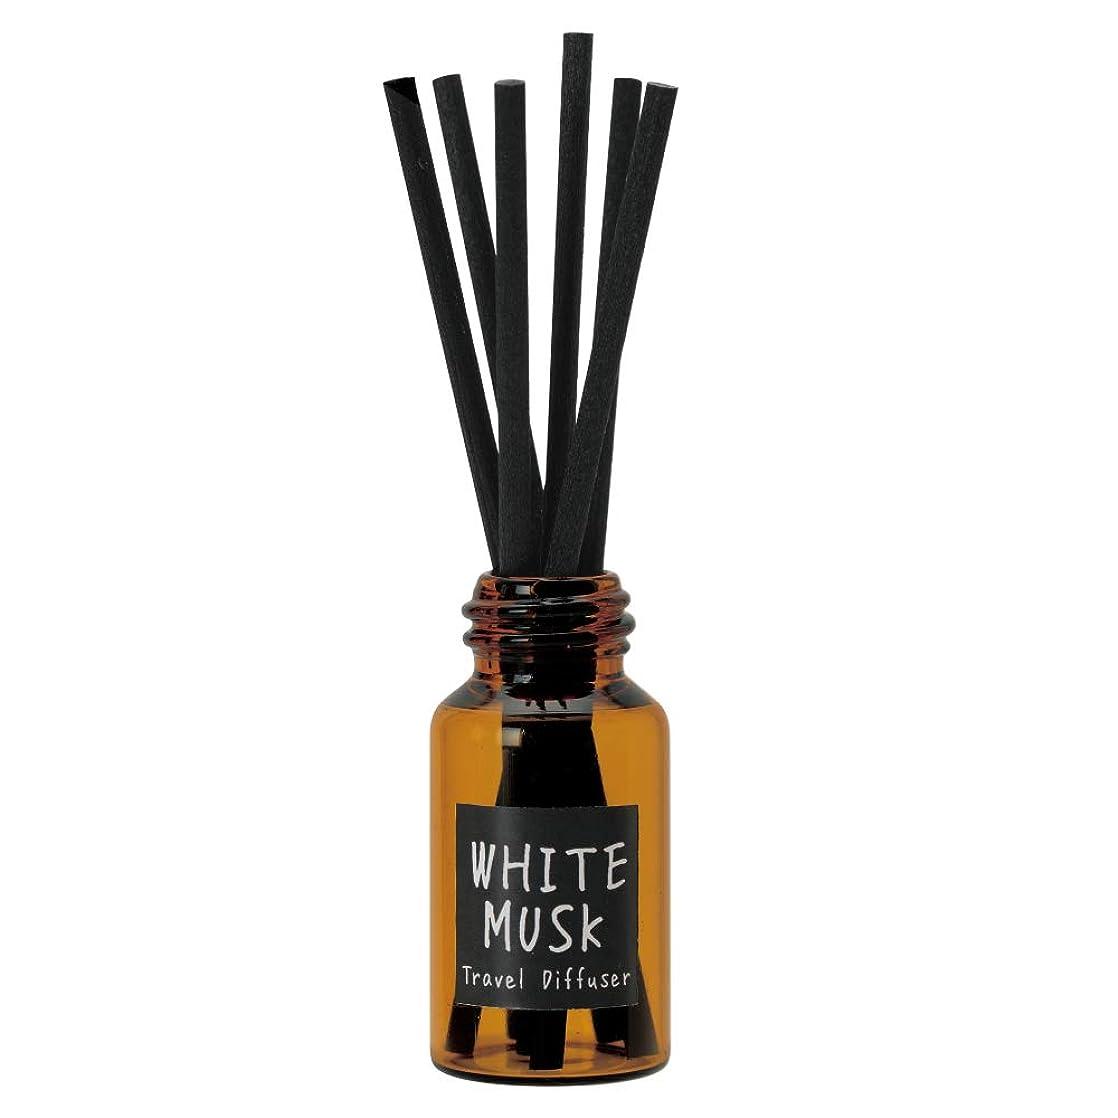 一握り滅びる古風なノルコーポレーション リードディフューザー JohnsBlend トラベルディフューザー 携帯用 ホワイトムスクの香り OA-JON-16-1